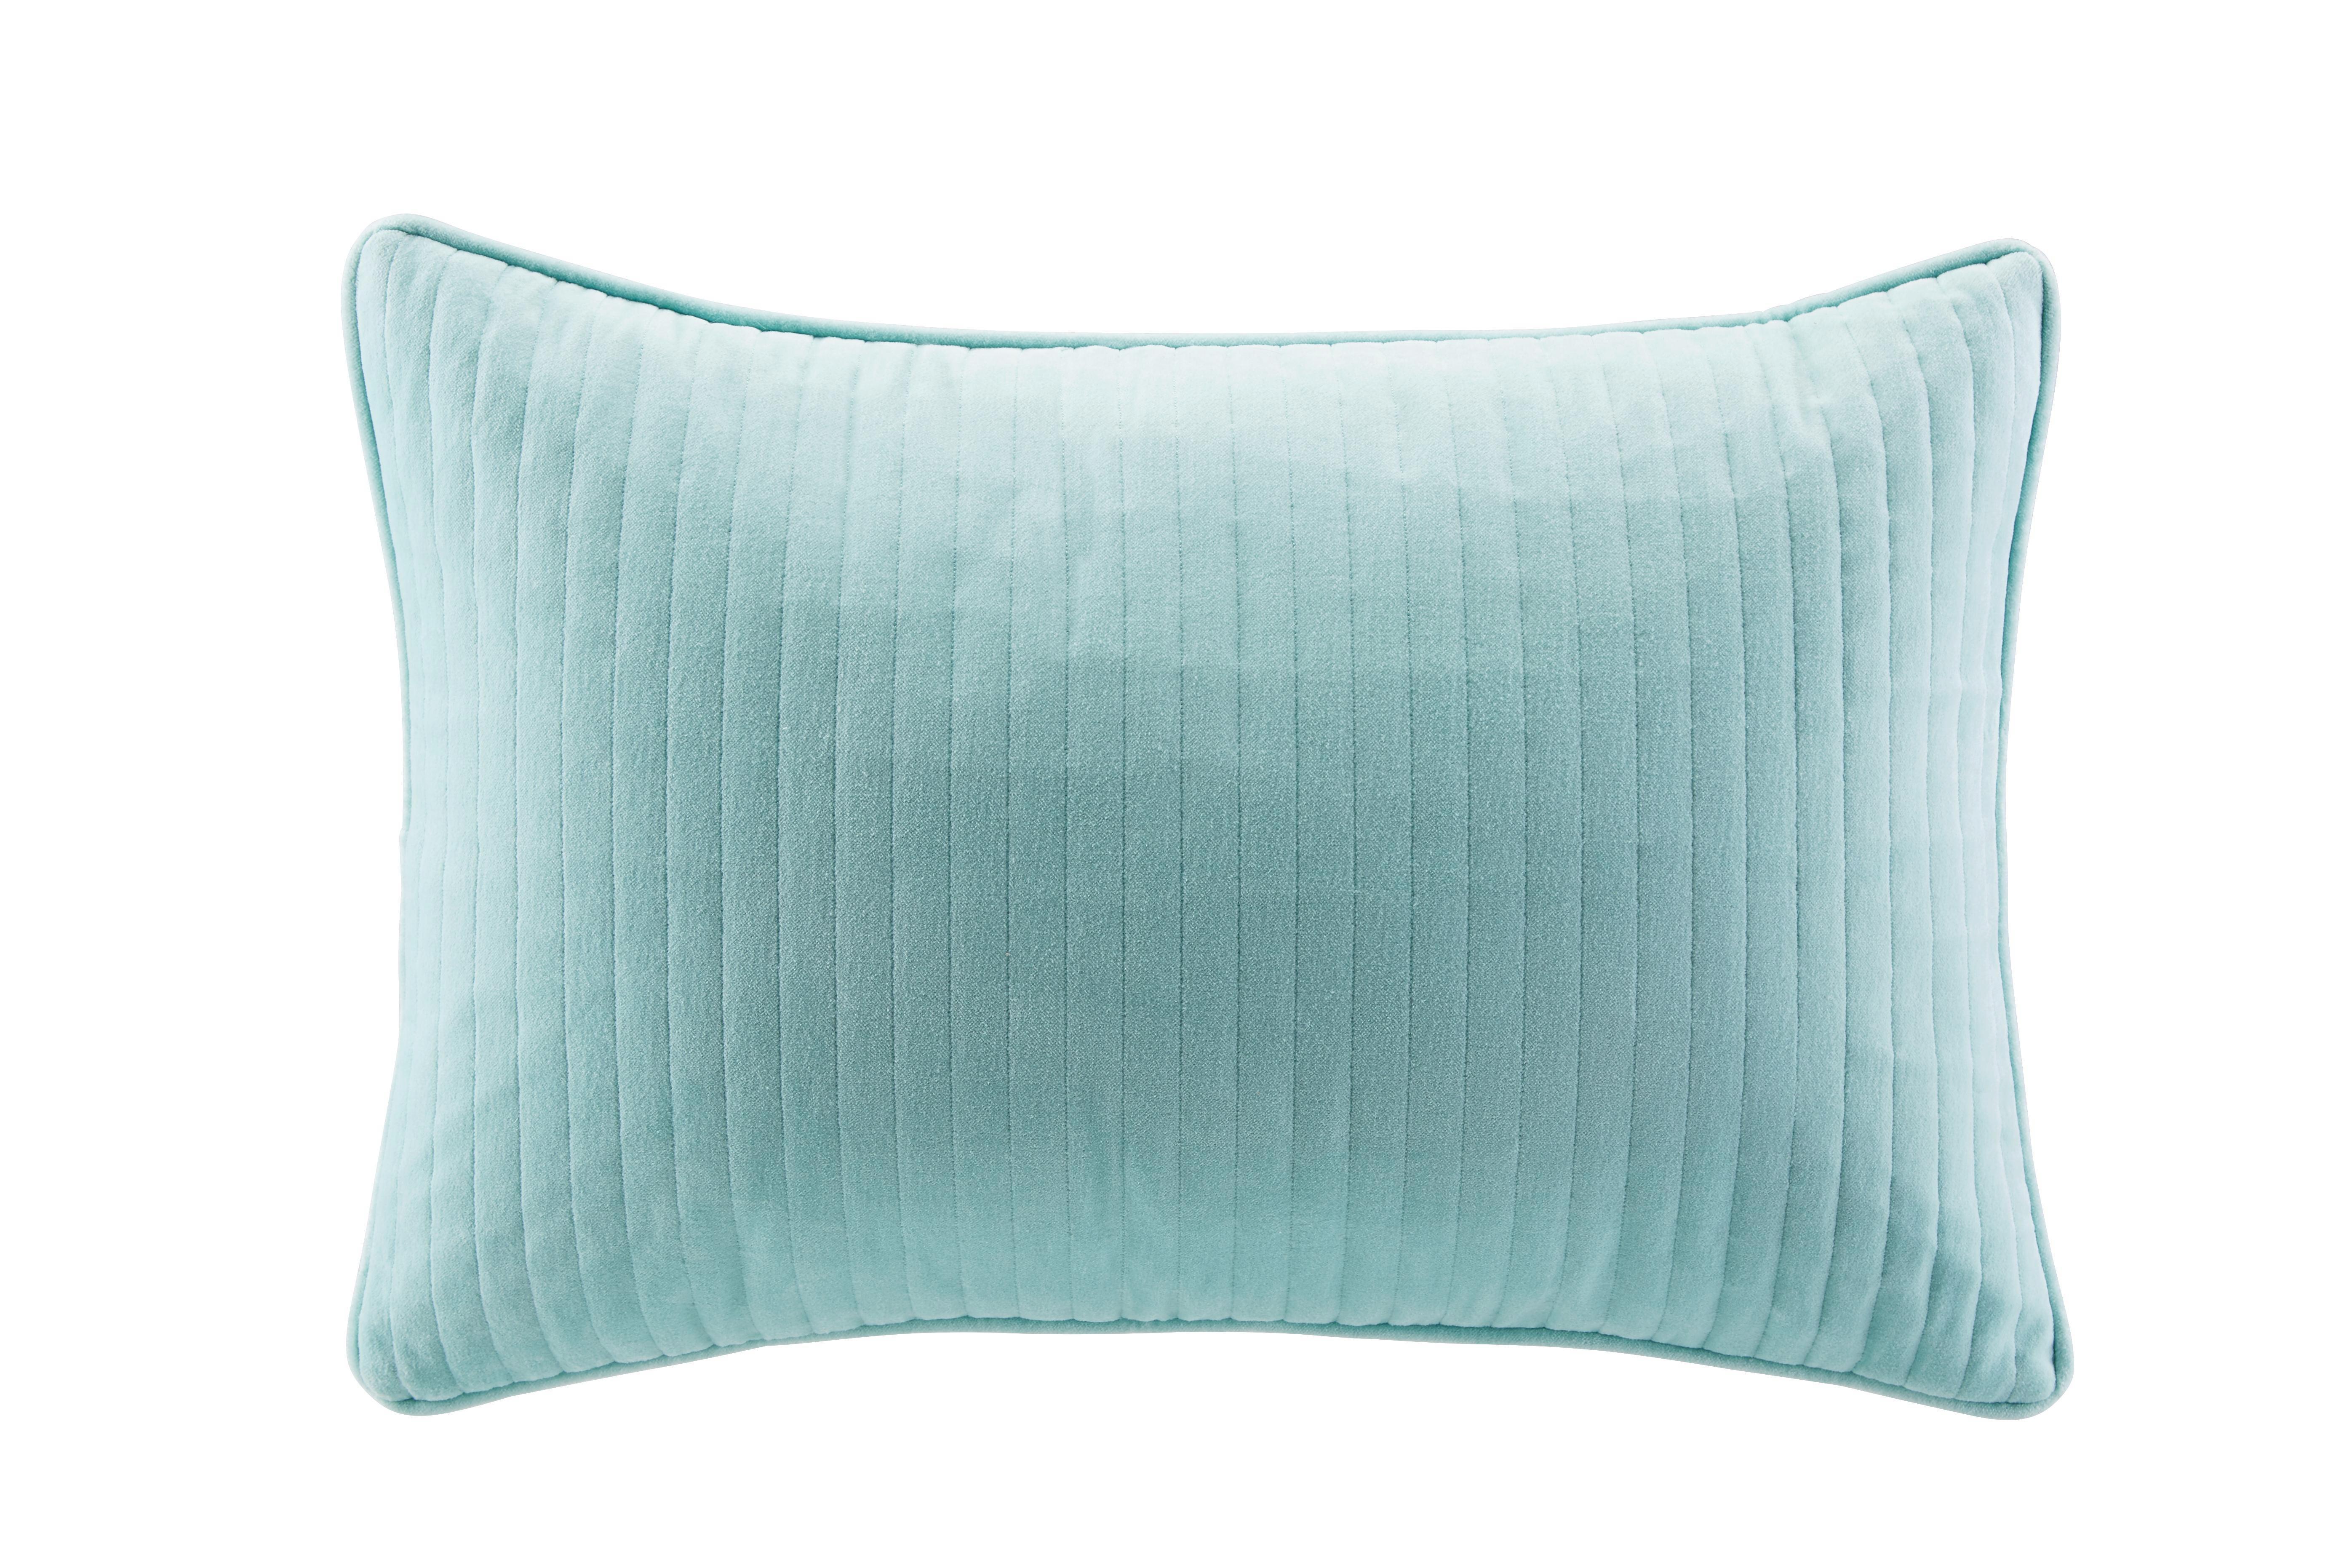 Zierkissen Elena in Blau, ca. 40x60cm - Blau, ROMANTIK / LANDHAUS, Textil (40/60cm) - MÖMAX modern living